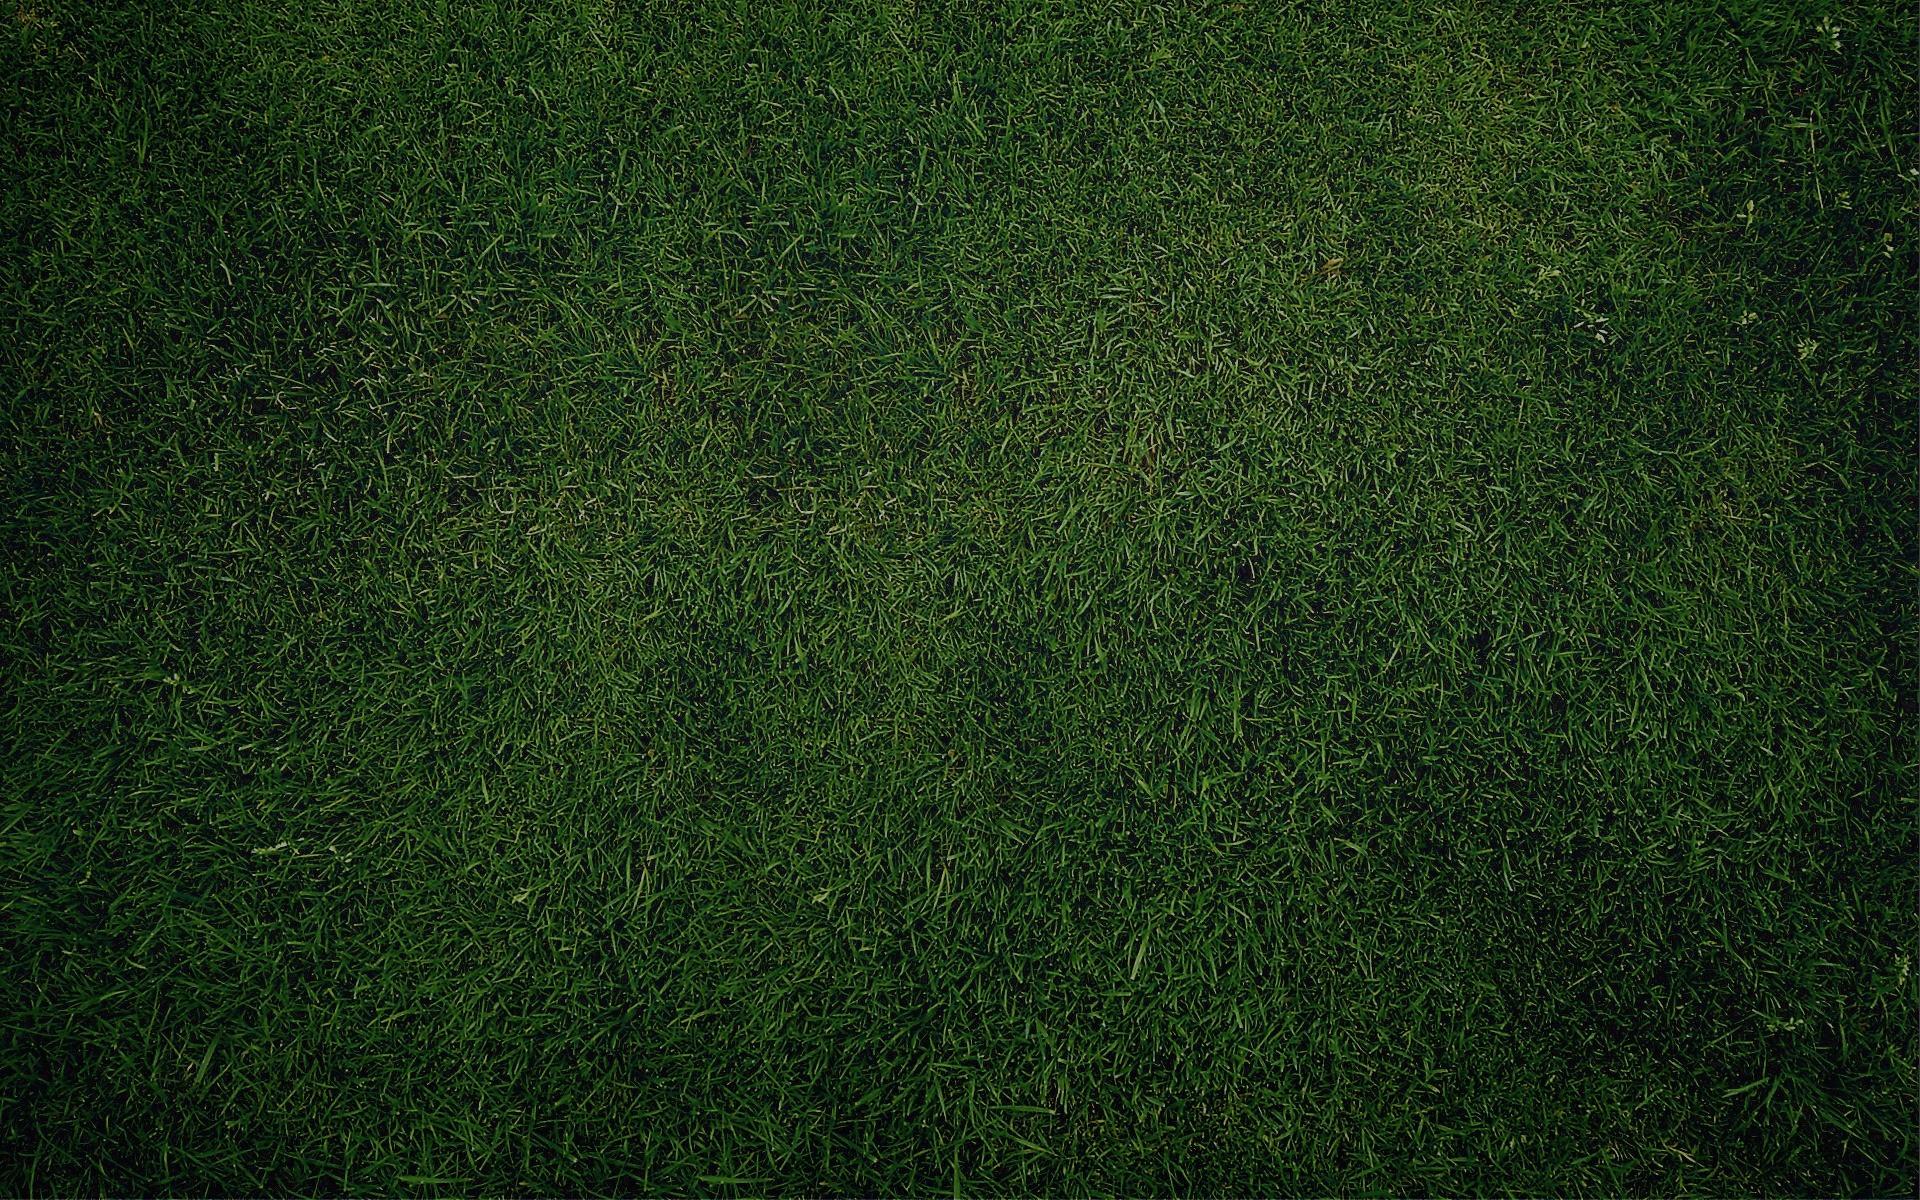 background, wallpapers, green, grass, wallpapaer